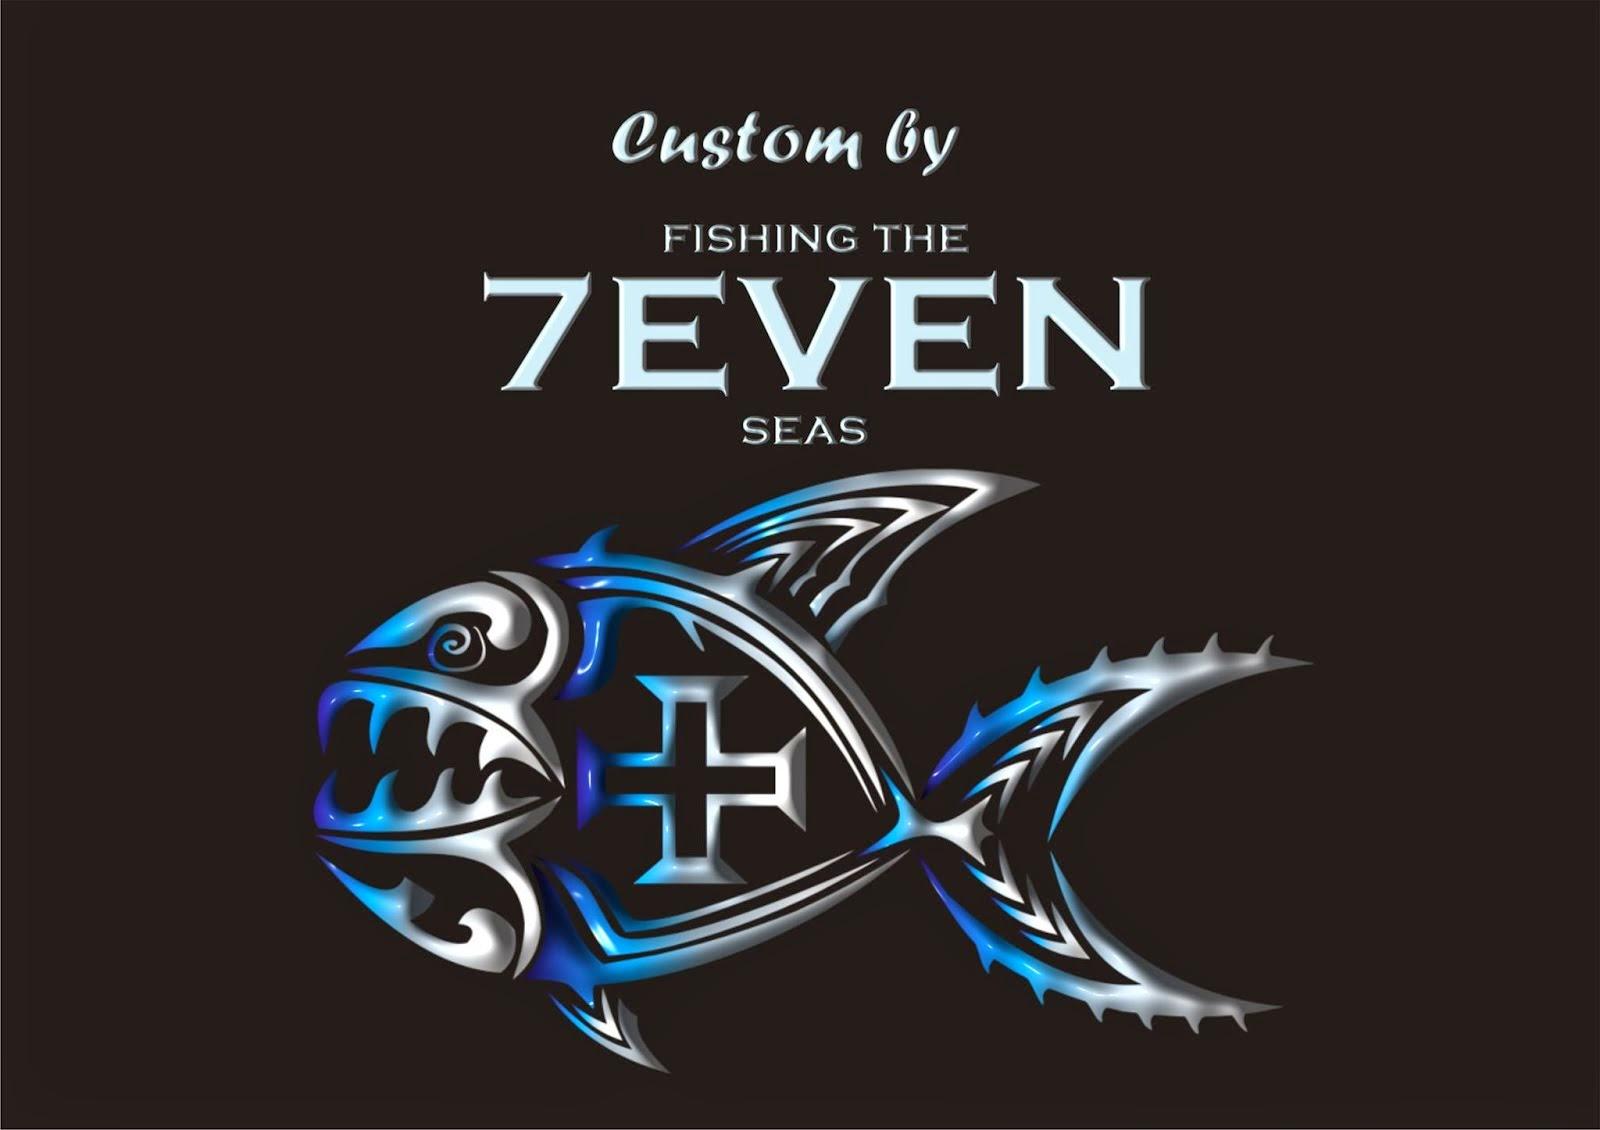 7even FaceBook